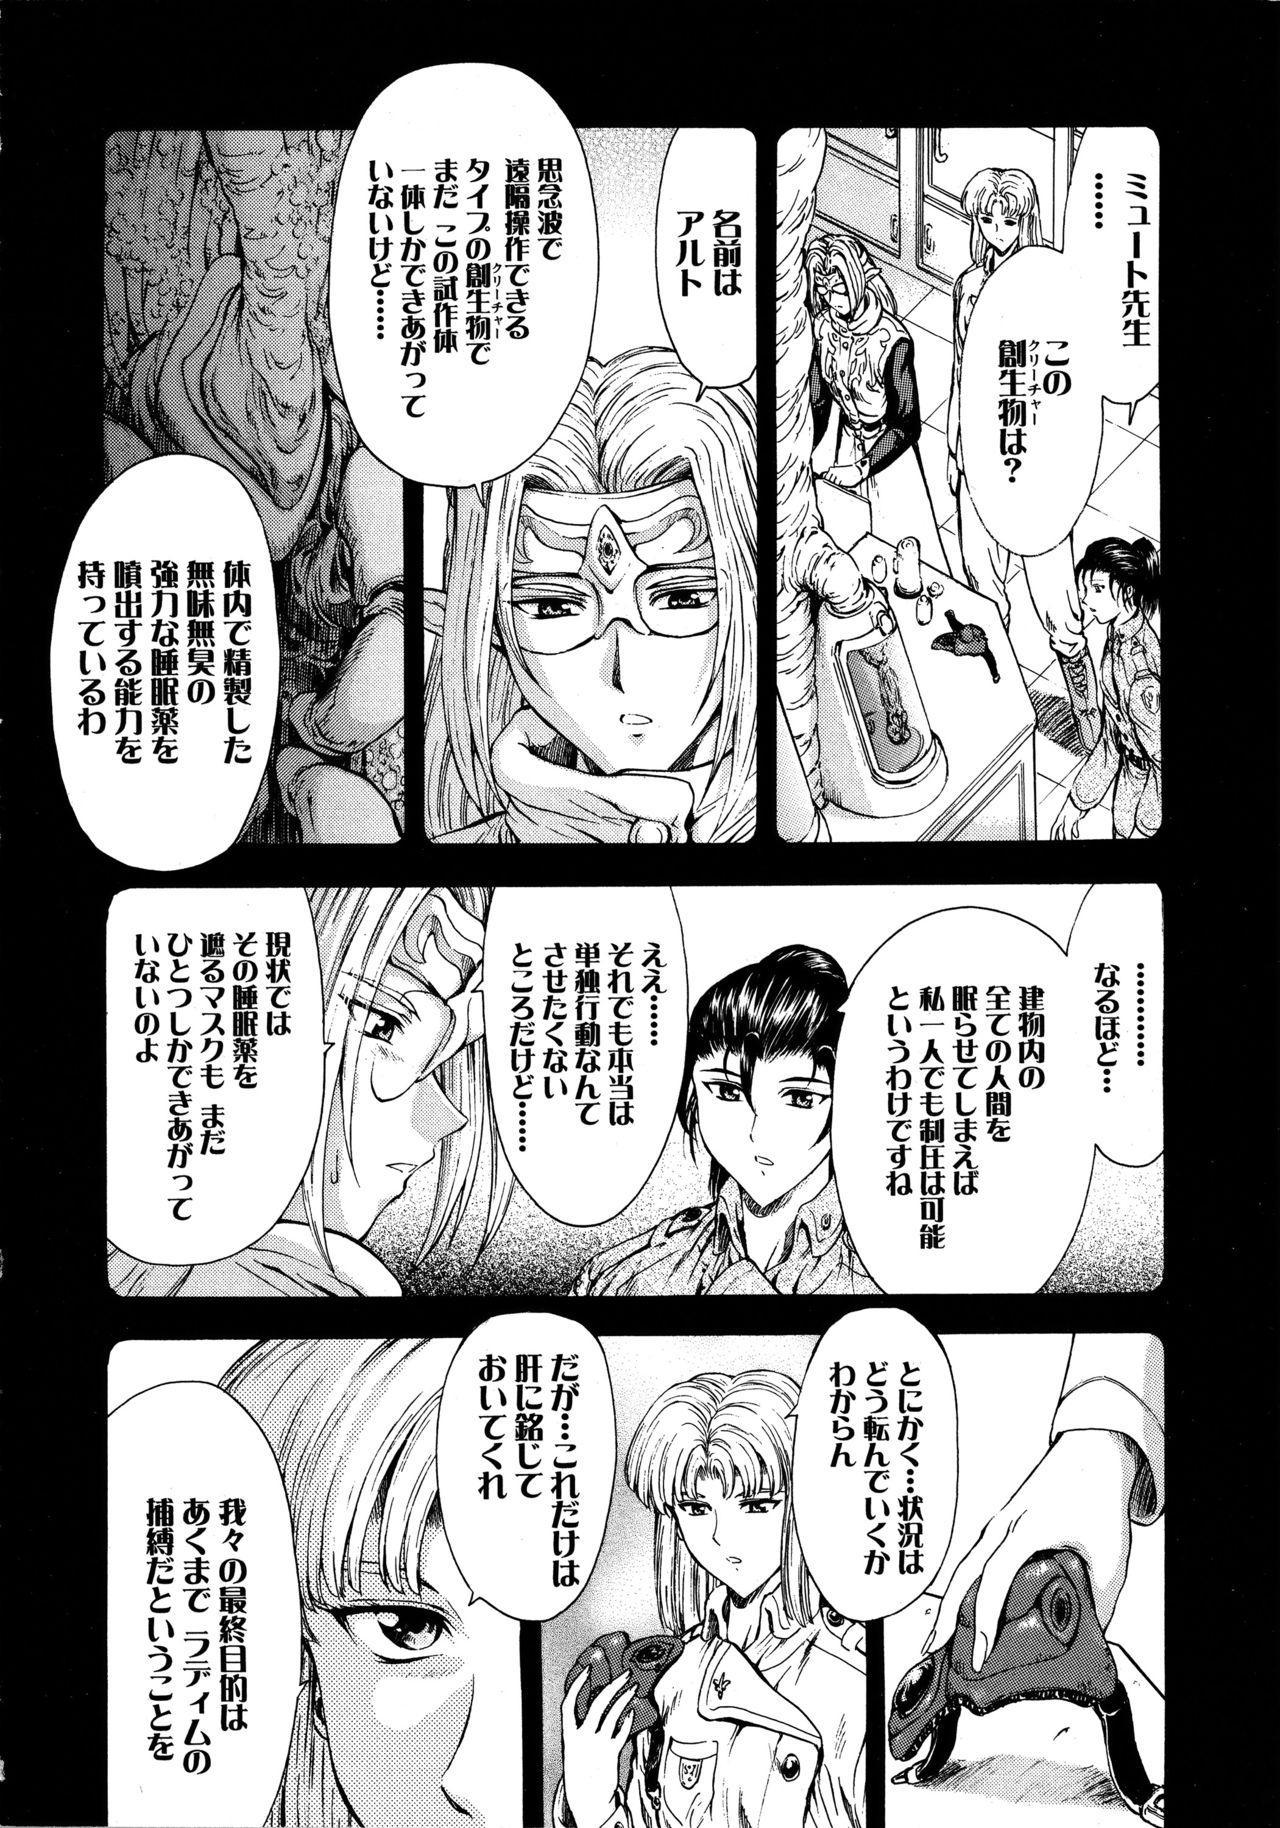 Ginryuu no Reimei Vol. 1 141